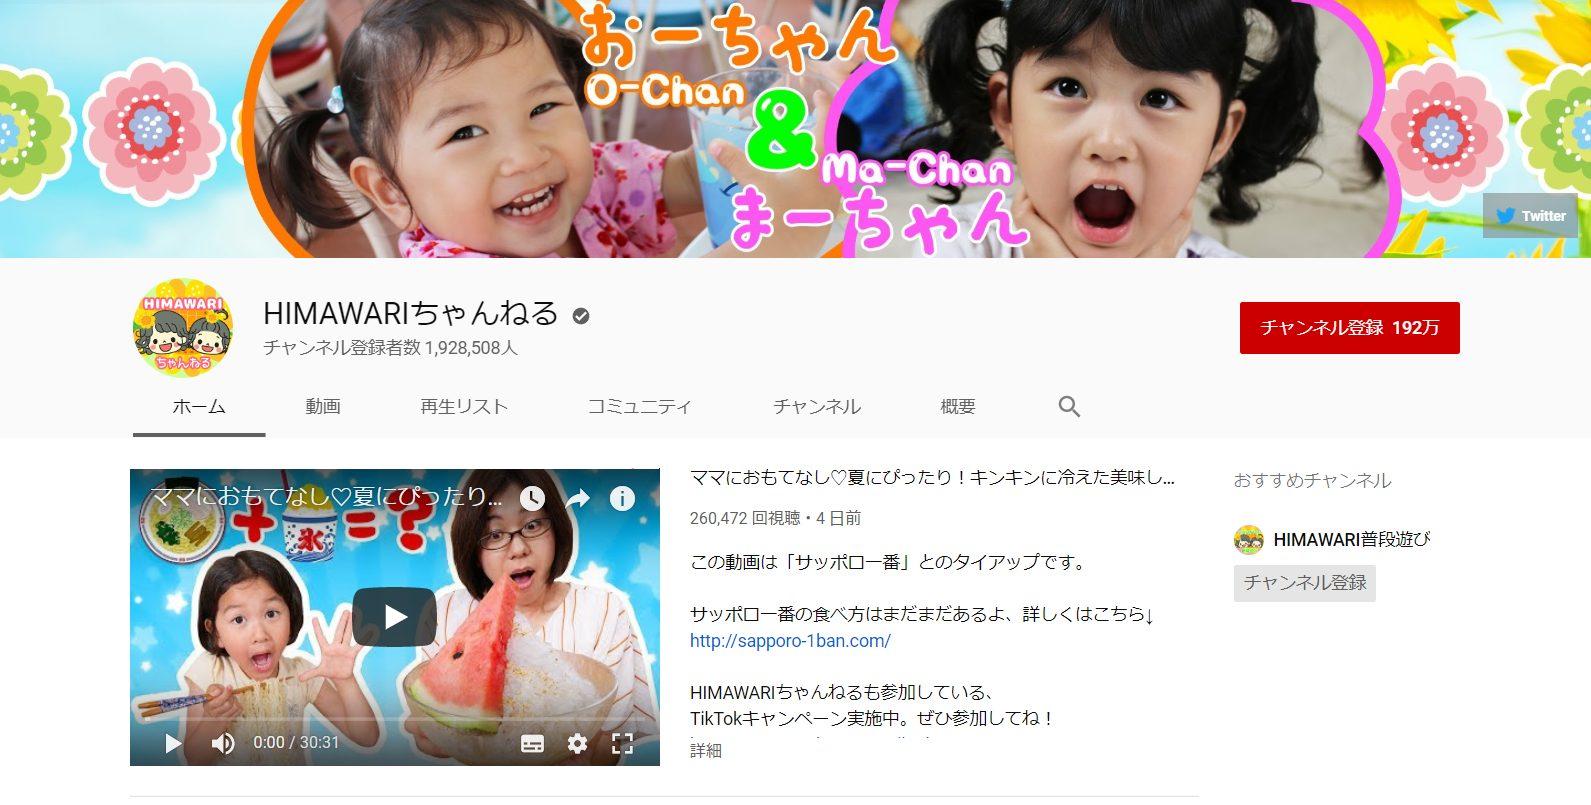 himawari-channel